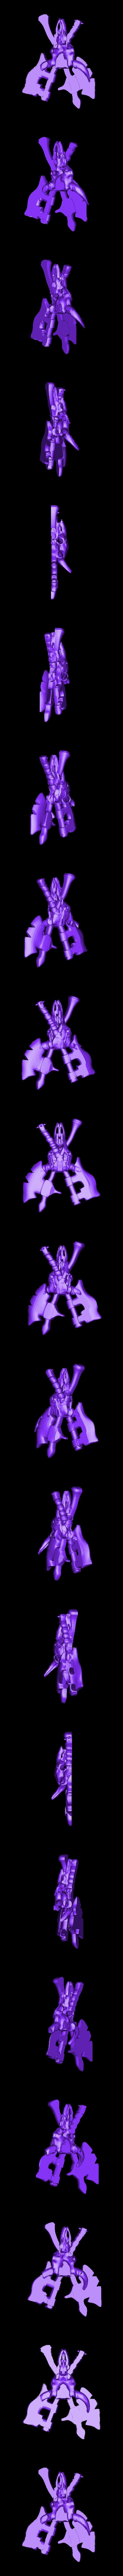 warsong_amulet.stl Télécharger fichier STL gratuit Amulette Warsong de World of Warcraft • Modèle imprimable en 3D, 3D-mon